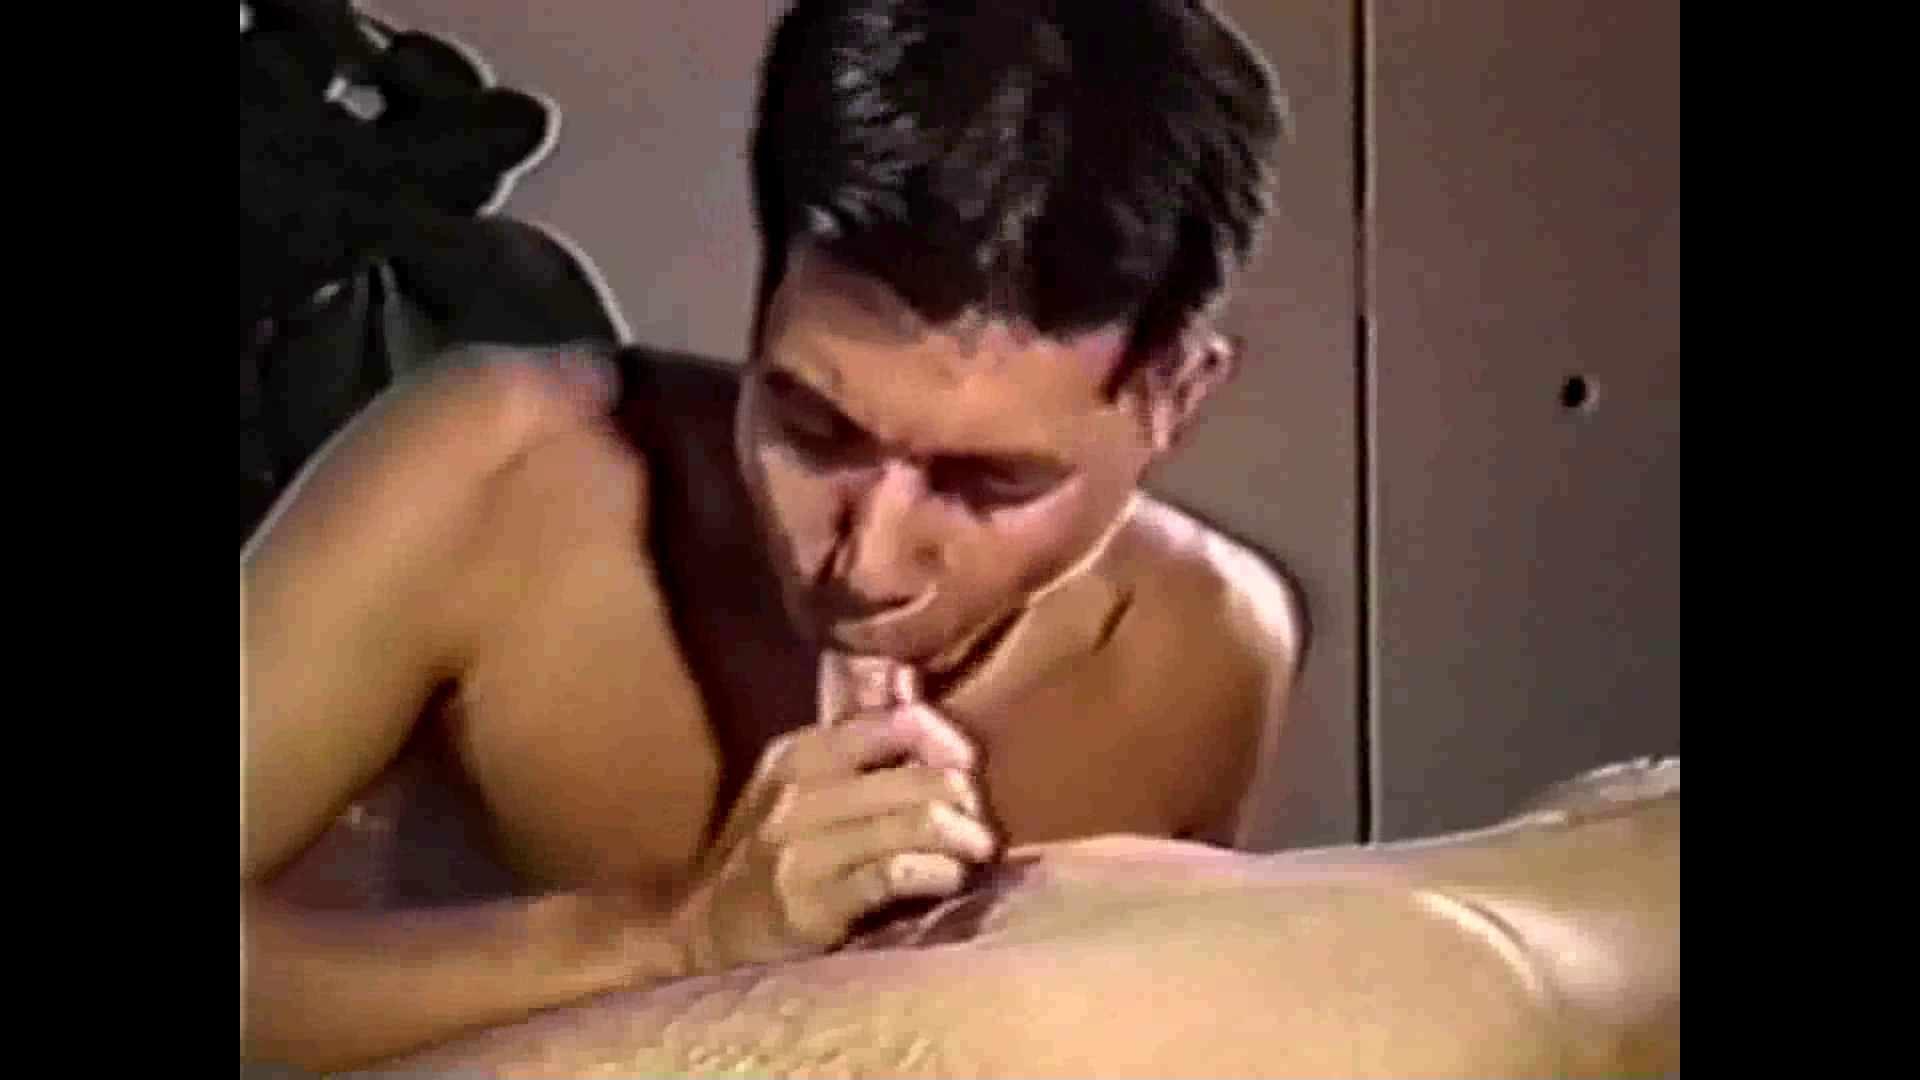 往年の名作 ヤングマン Vol.02 オナニー ゲイアダルト画像 108pic 99